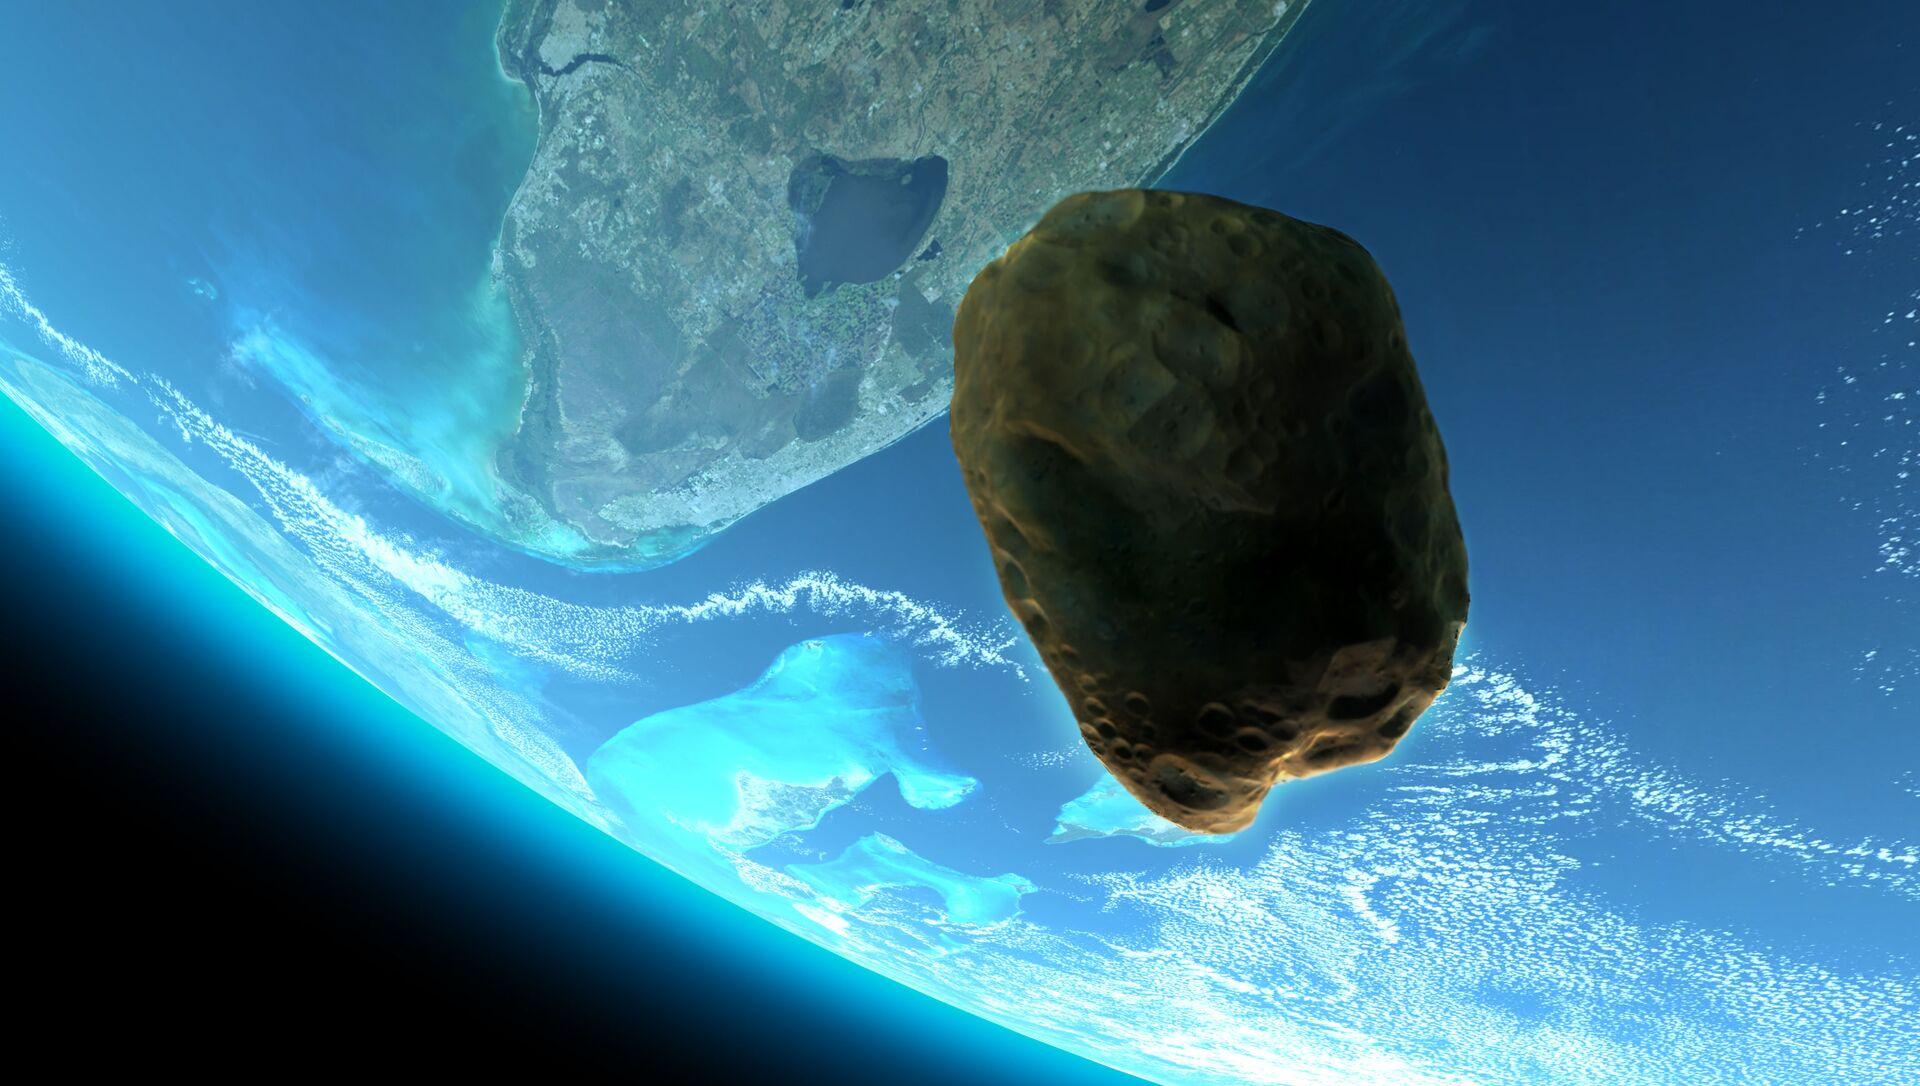 Duża asteroida 2015 KJ19 zbliży się do Ziemi 14 maja. - Sputnik Polska, 1920, 14.05.2021